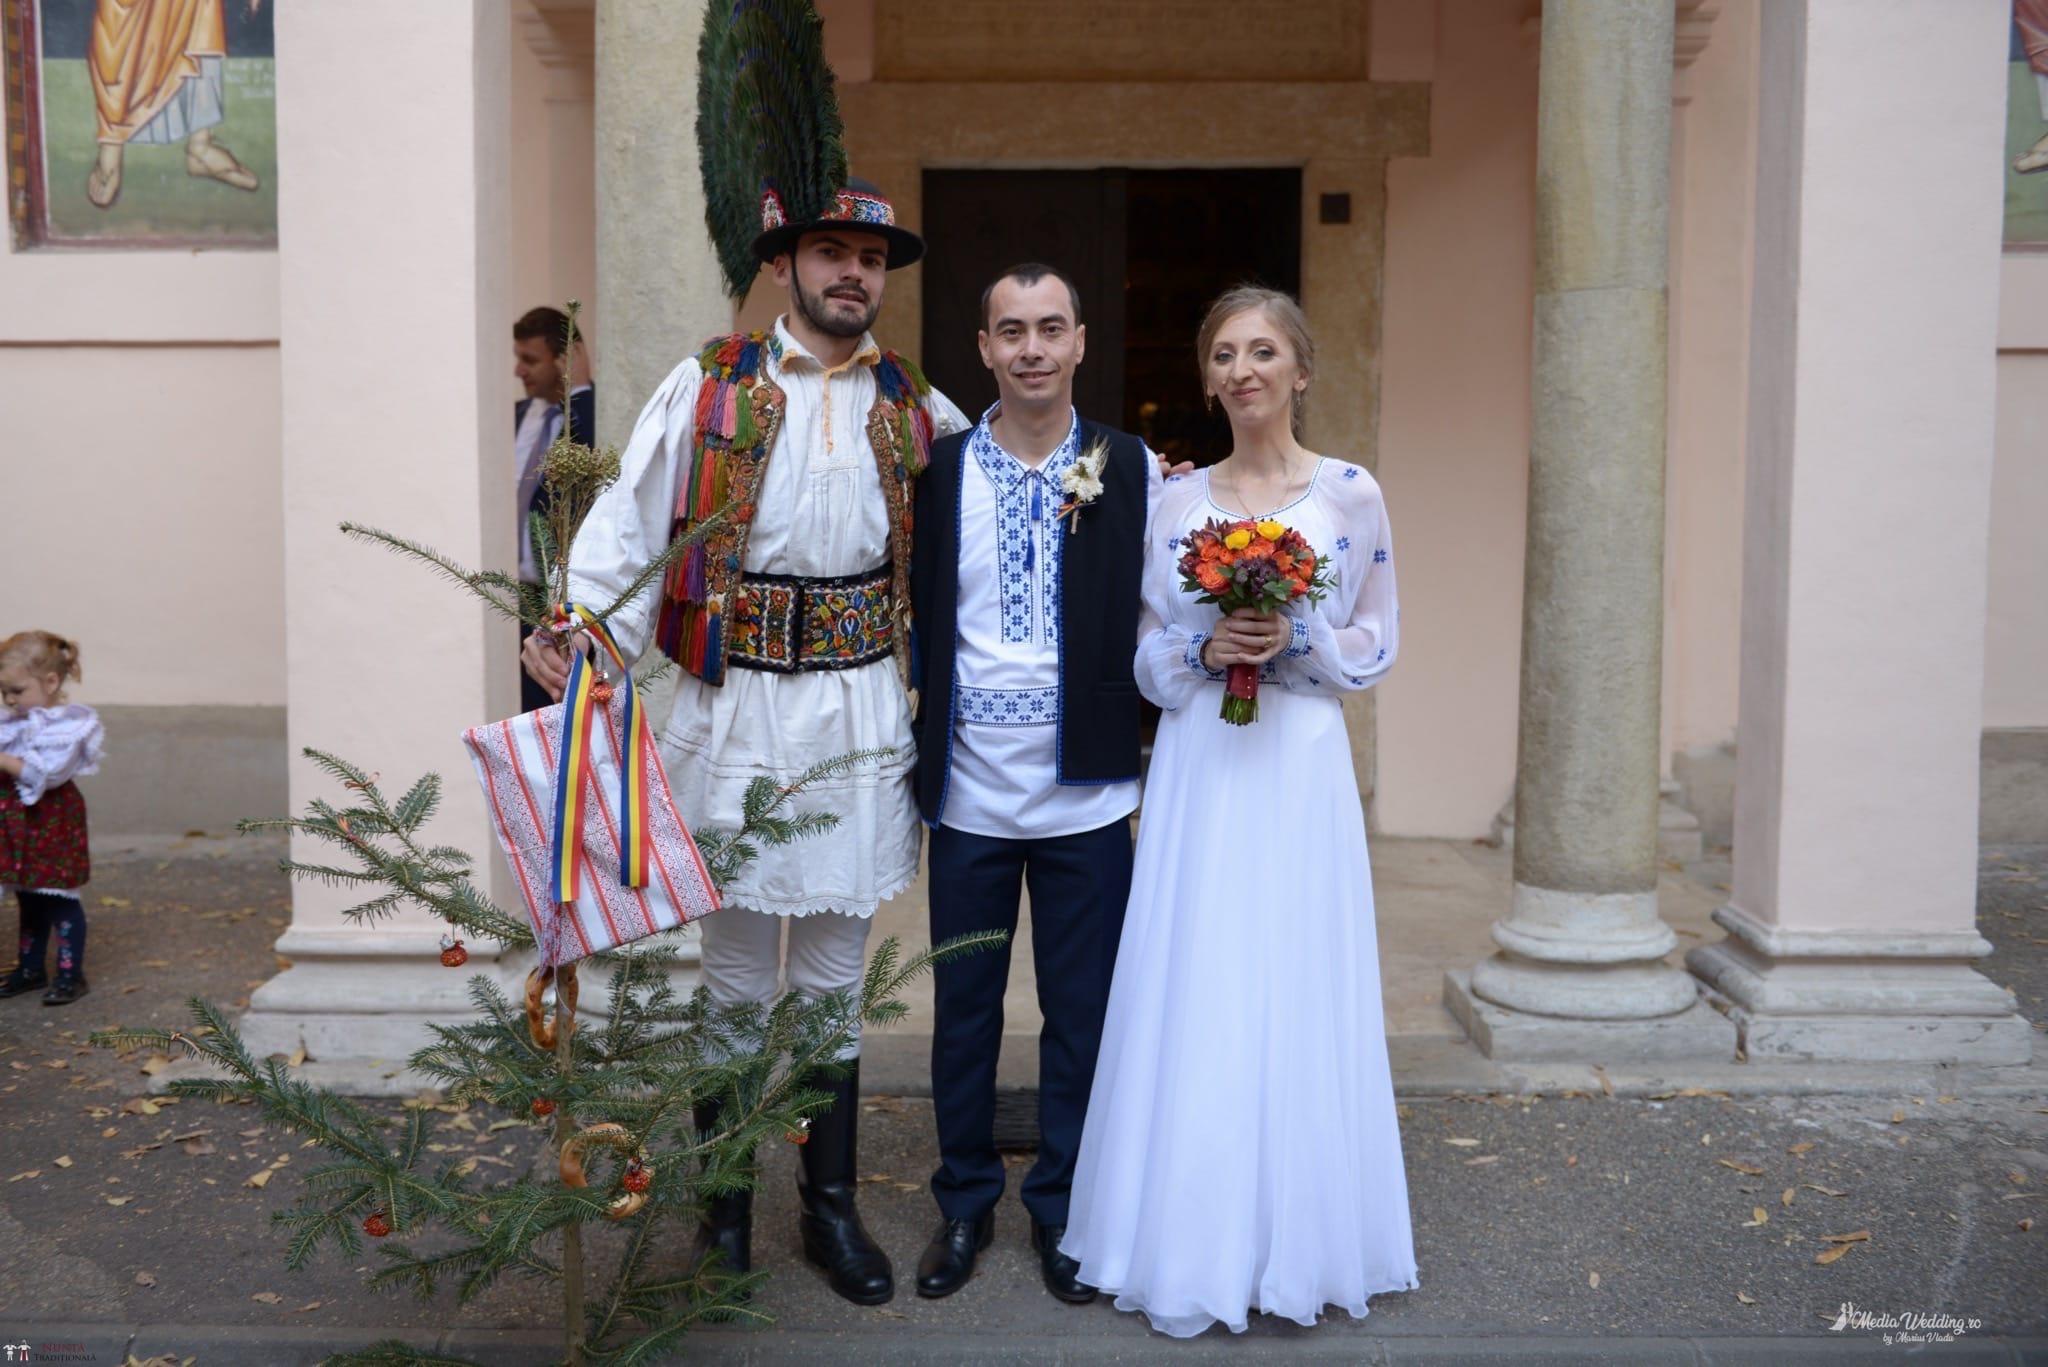 Povești Nunți Tradiționale - Alina-Maria și Ilie, nuntă tradițională în București 17